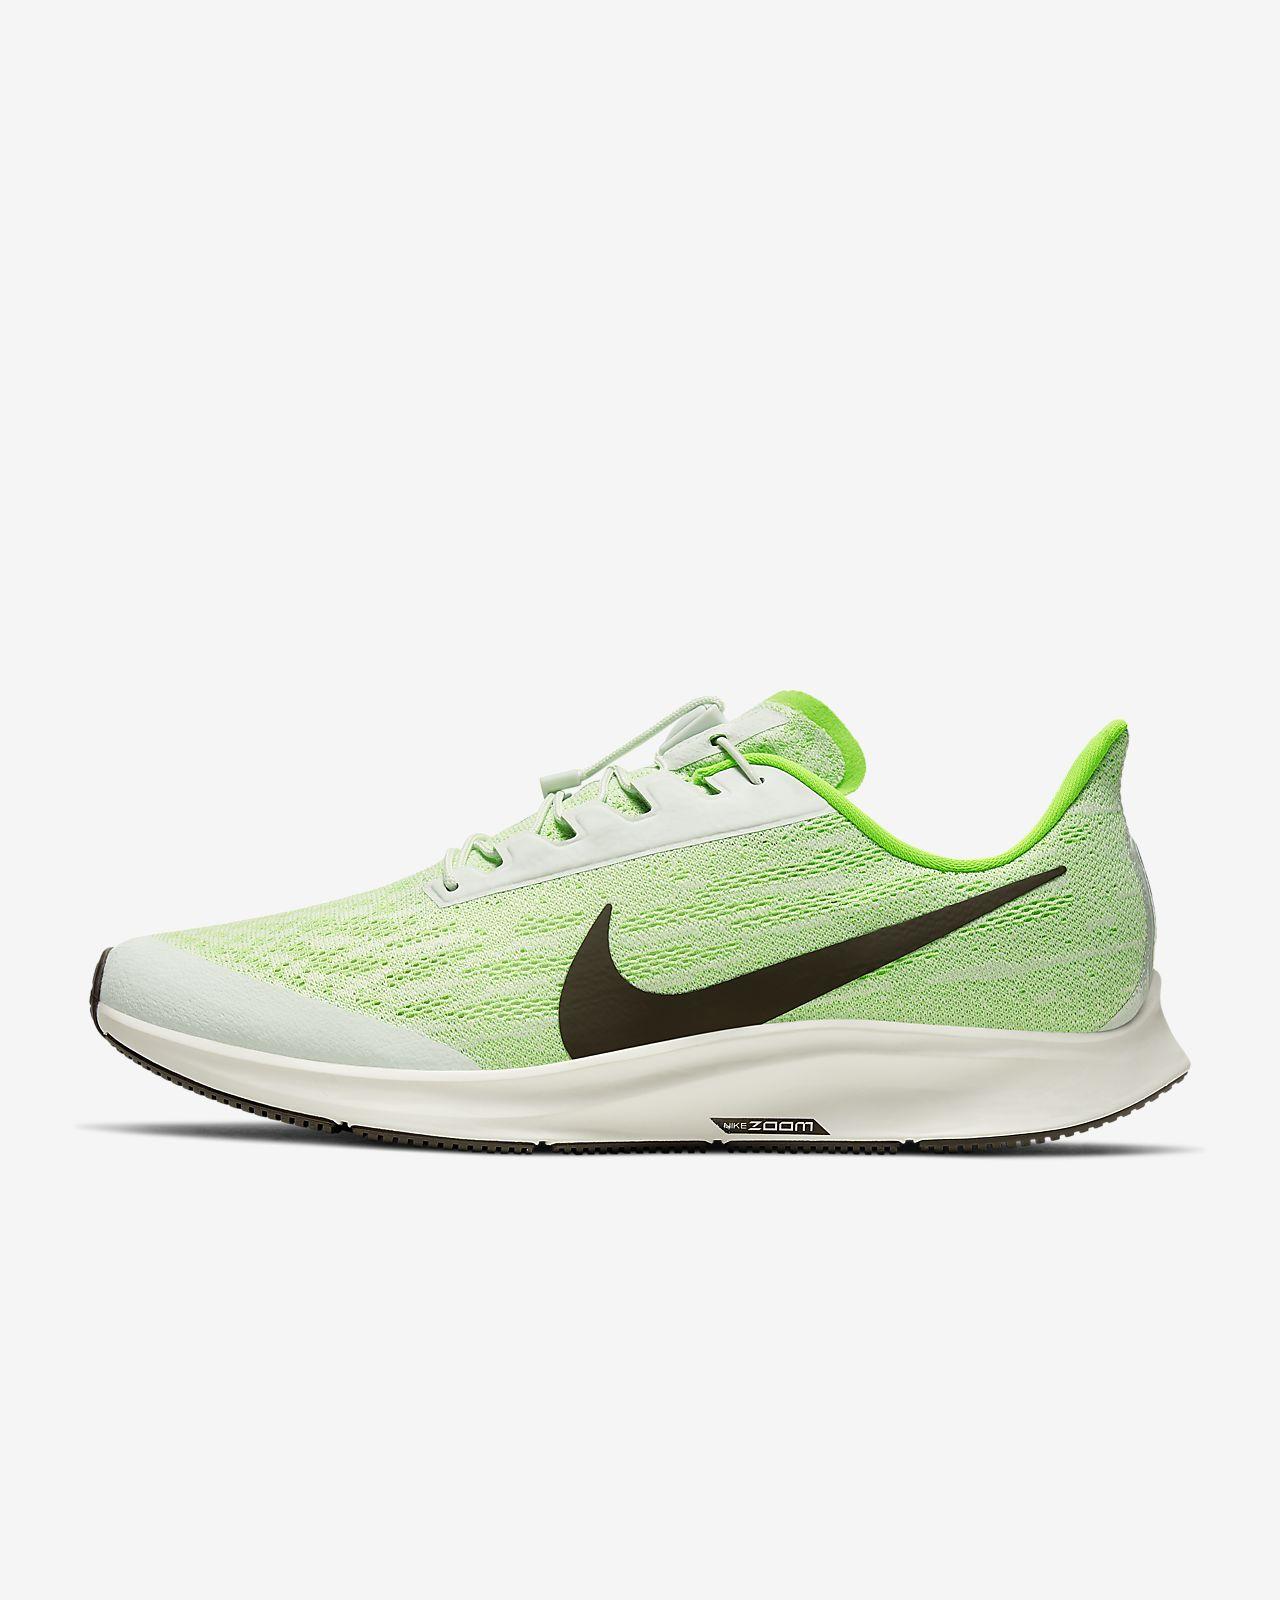 Ανδρικό παπούτσι για τρέξιμο Nike Air Zoom Pegasus 36 FlyEase